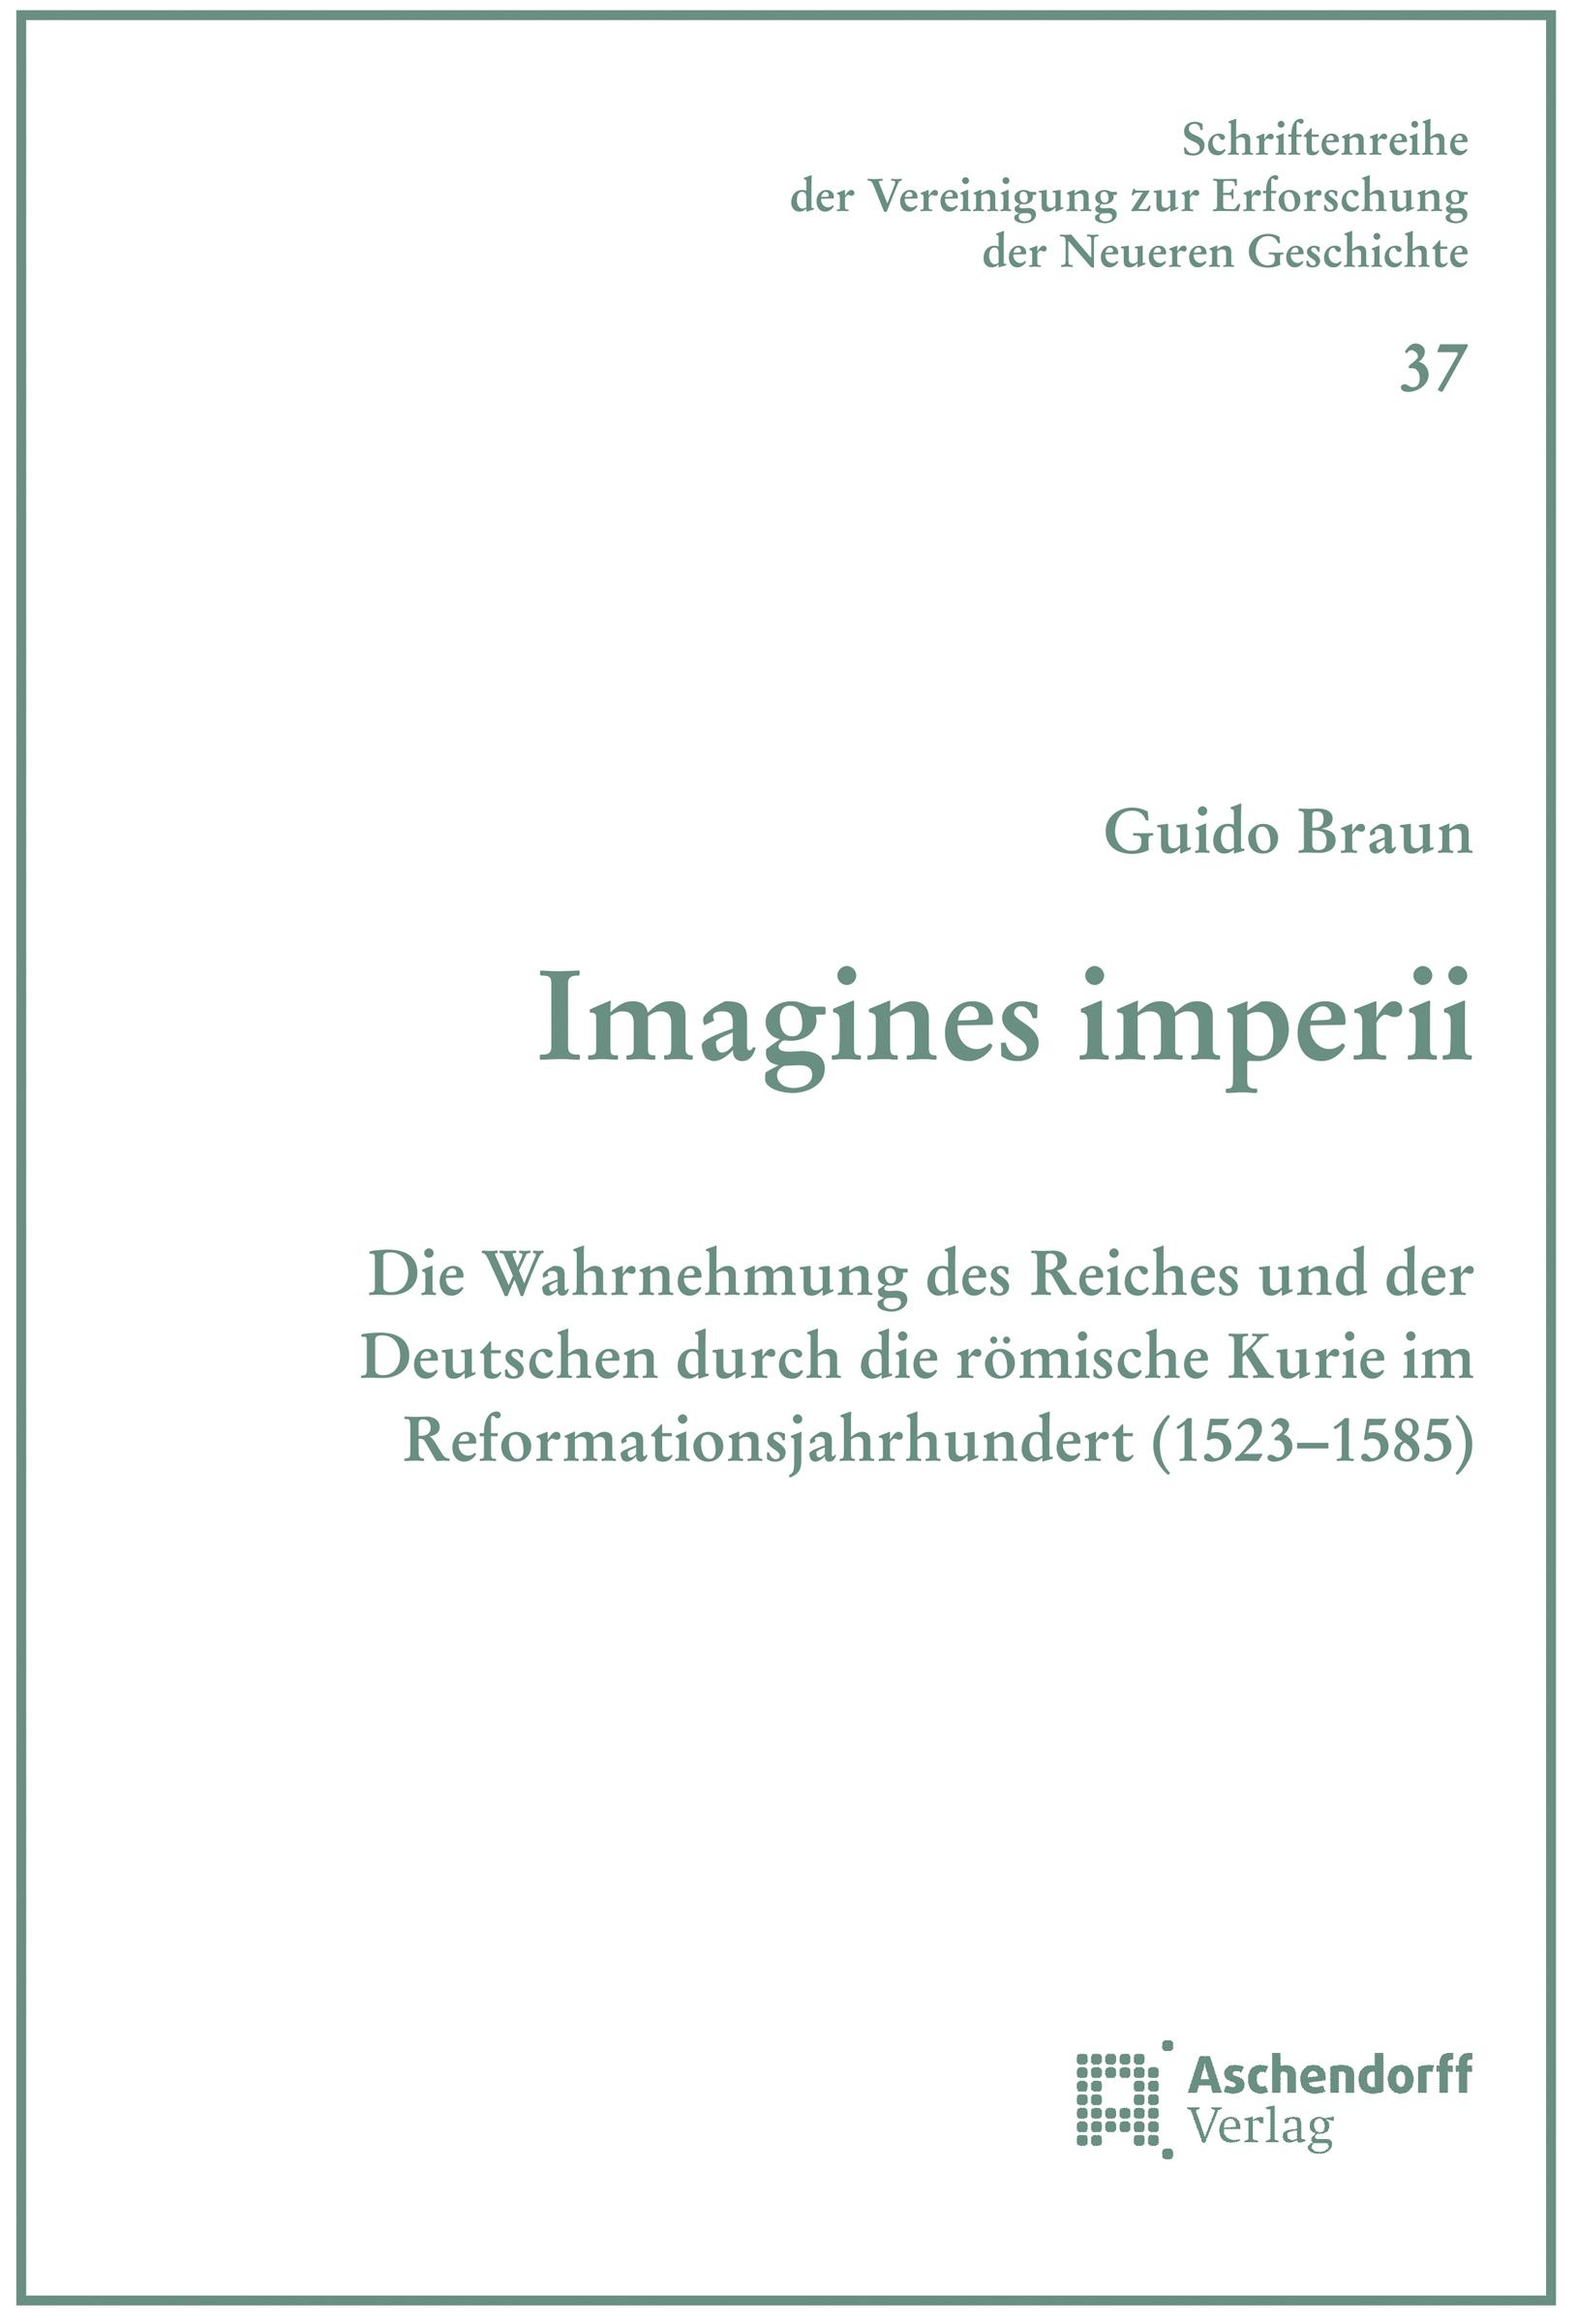 Imagines imperii Guido Braun